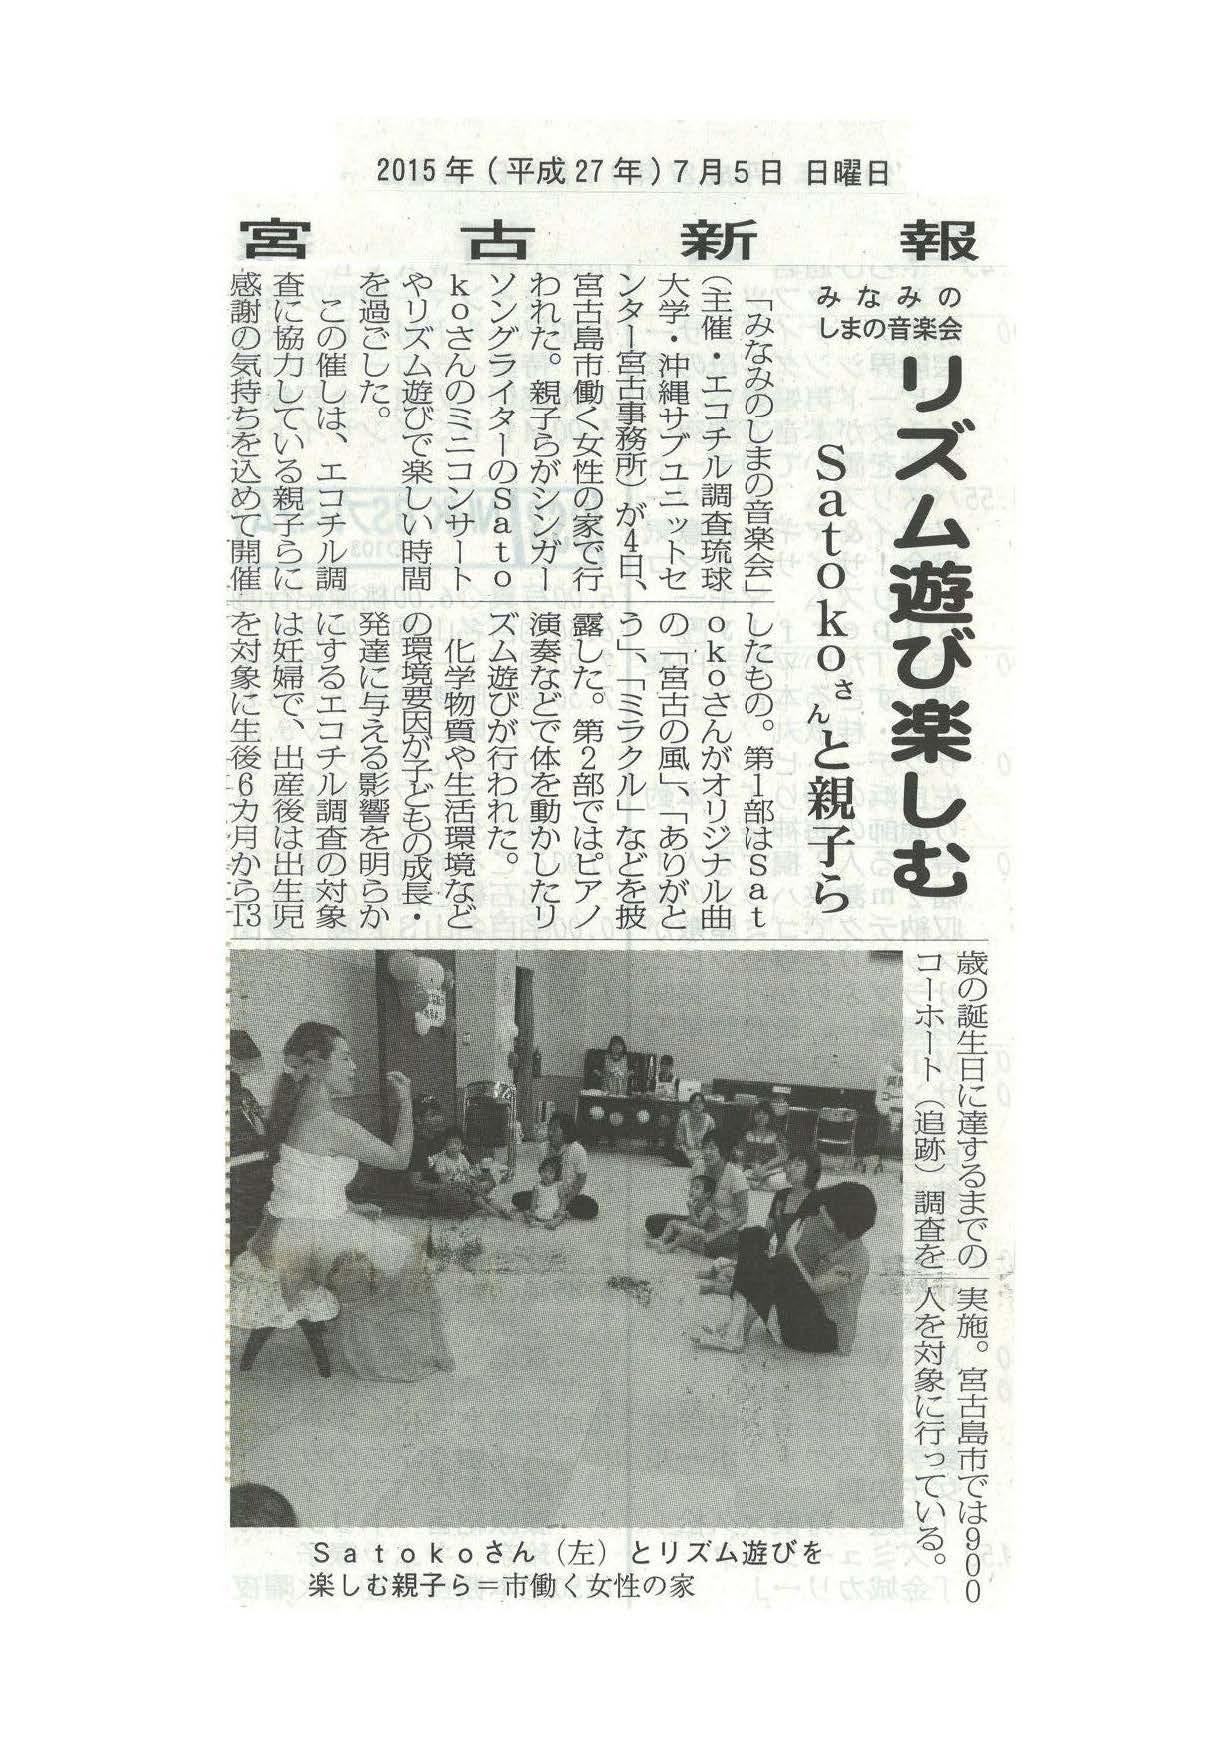 「みなみの島の音楽会」@宮古島「ゆみなぁ」2015.07.05_d0058064_22540379.jpg